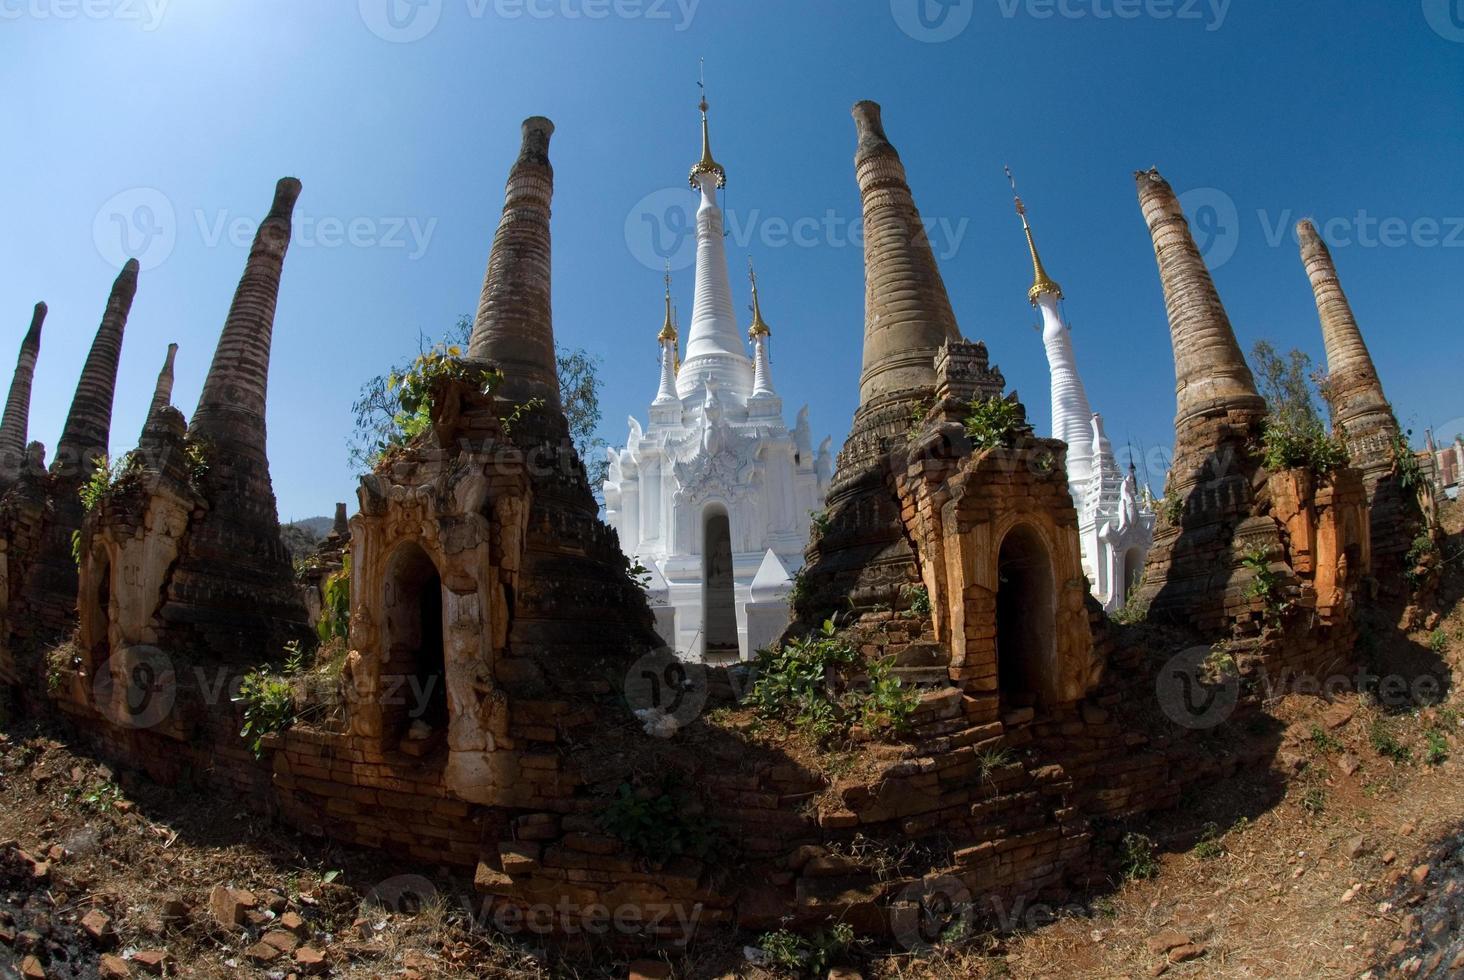 anciennes pagodes à l'auberge taing temple de l'état de shan. photo